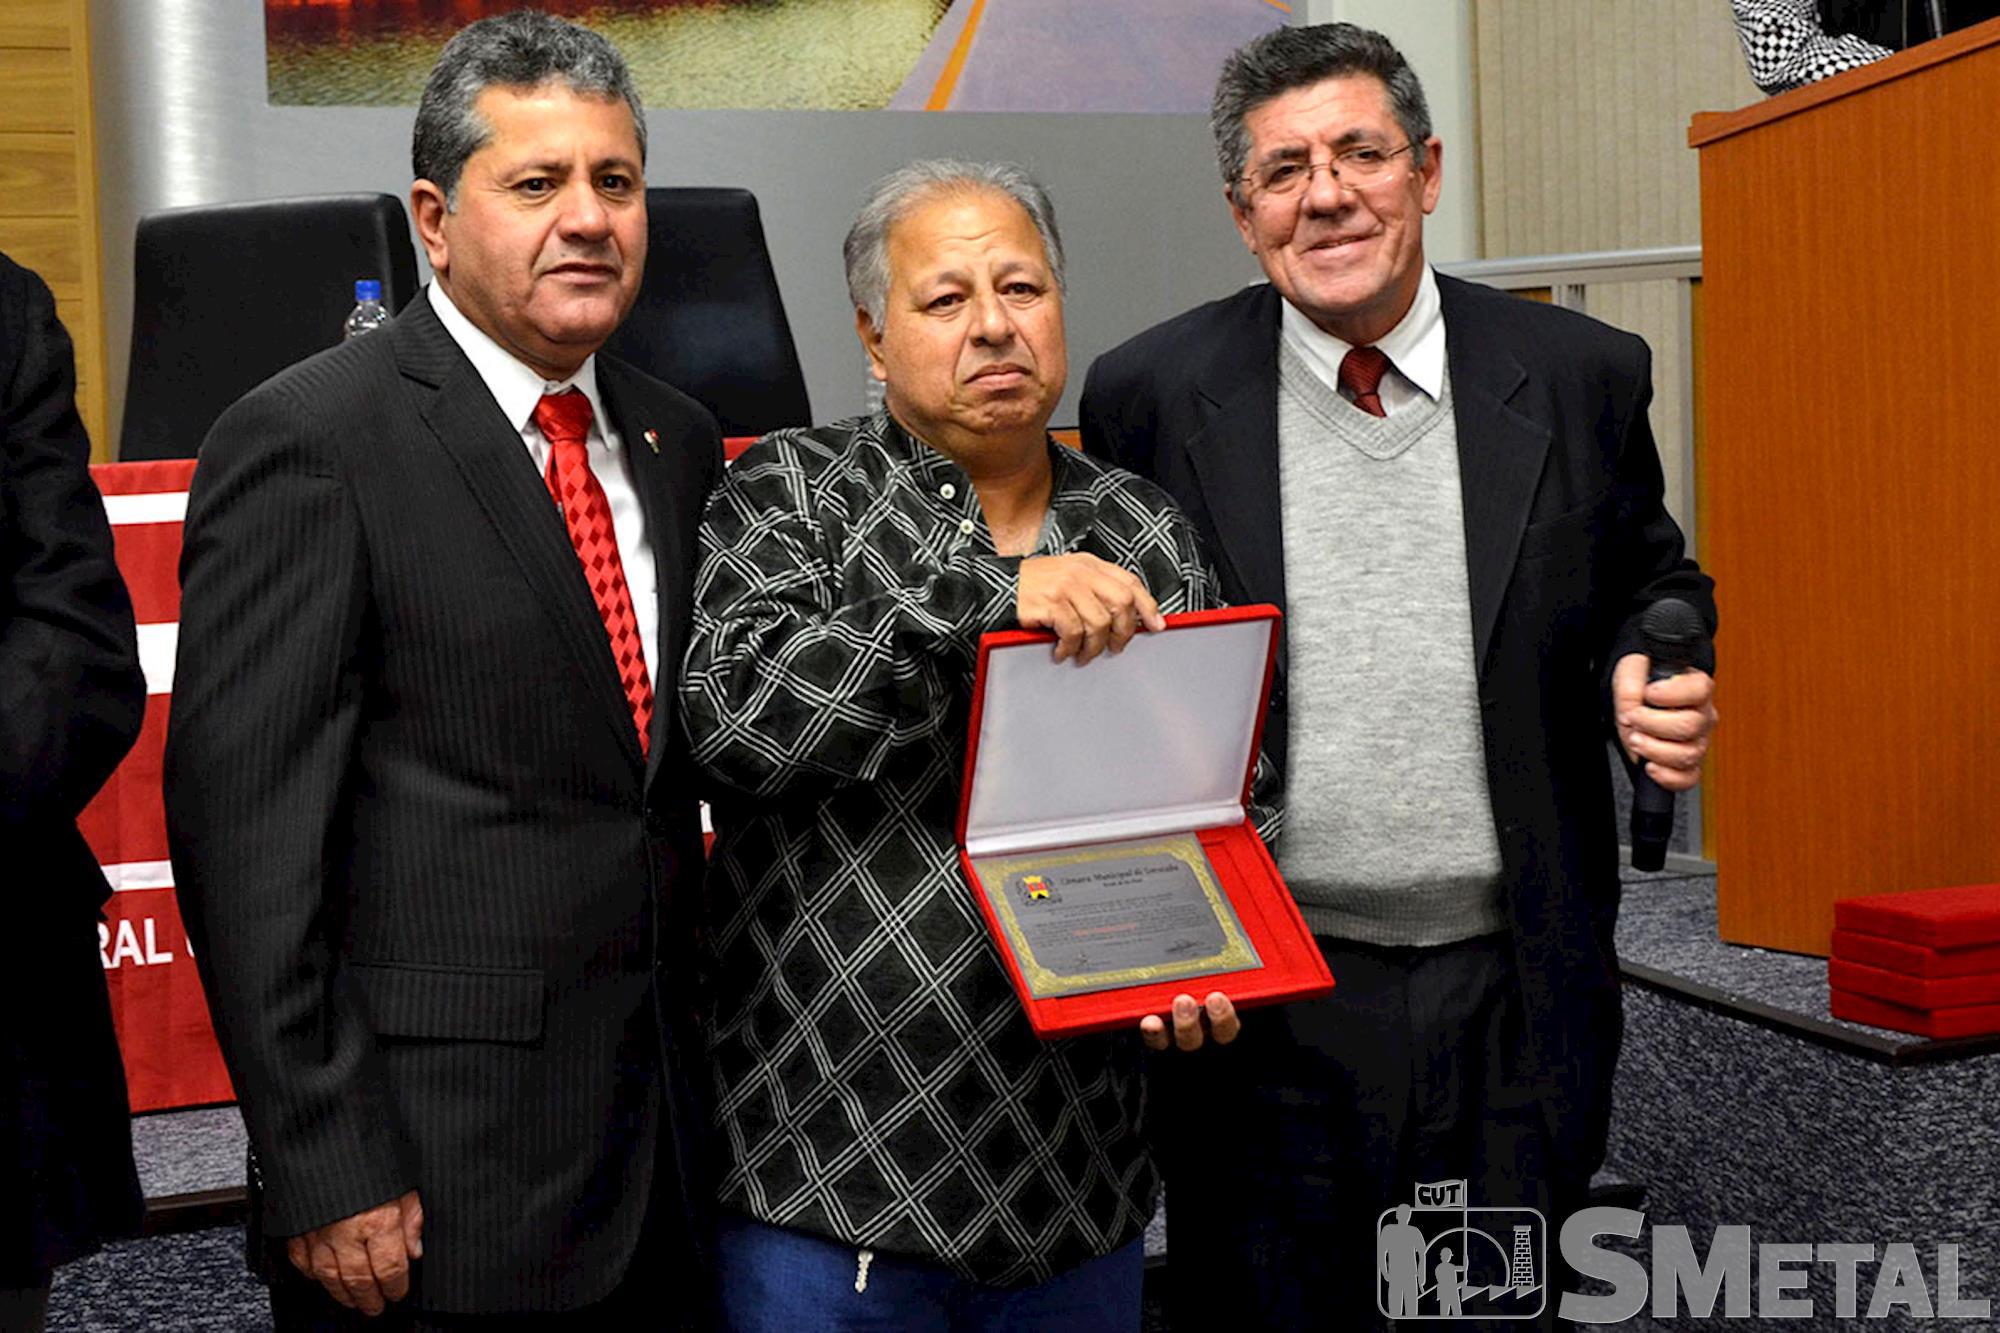 Ex-diretor do Sindicato dos Metalúrgicos,  Antonio Rodrigues dos Santos foi um dos homenageados na sessão solene pelos 30 anos da CUT, Sessão Solene na Câmara de Sorocaba comemora 30 anos de CUT